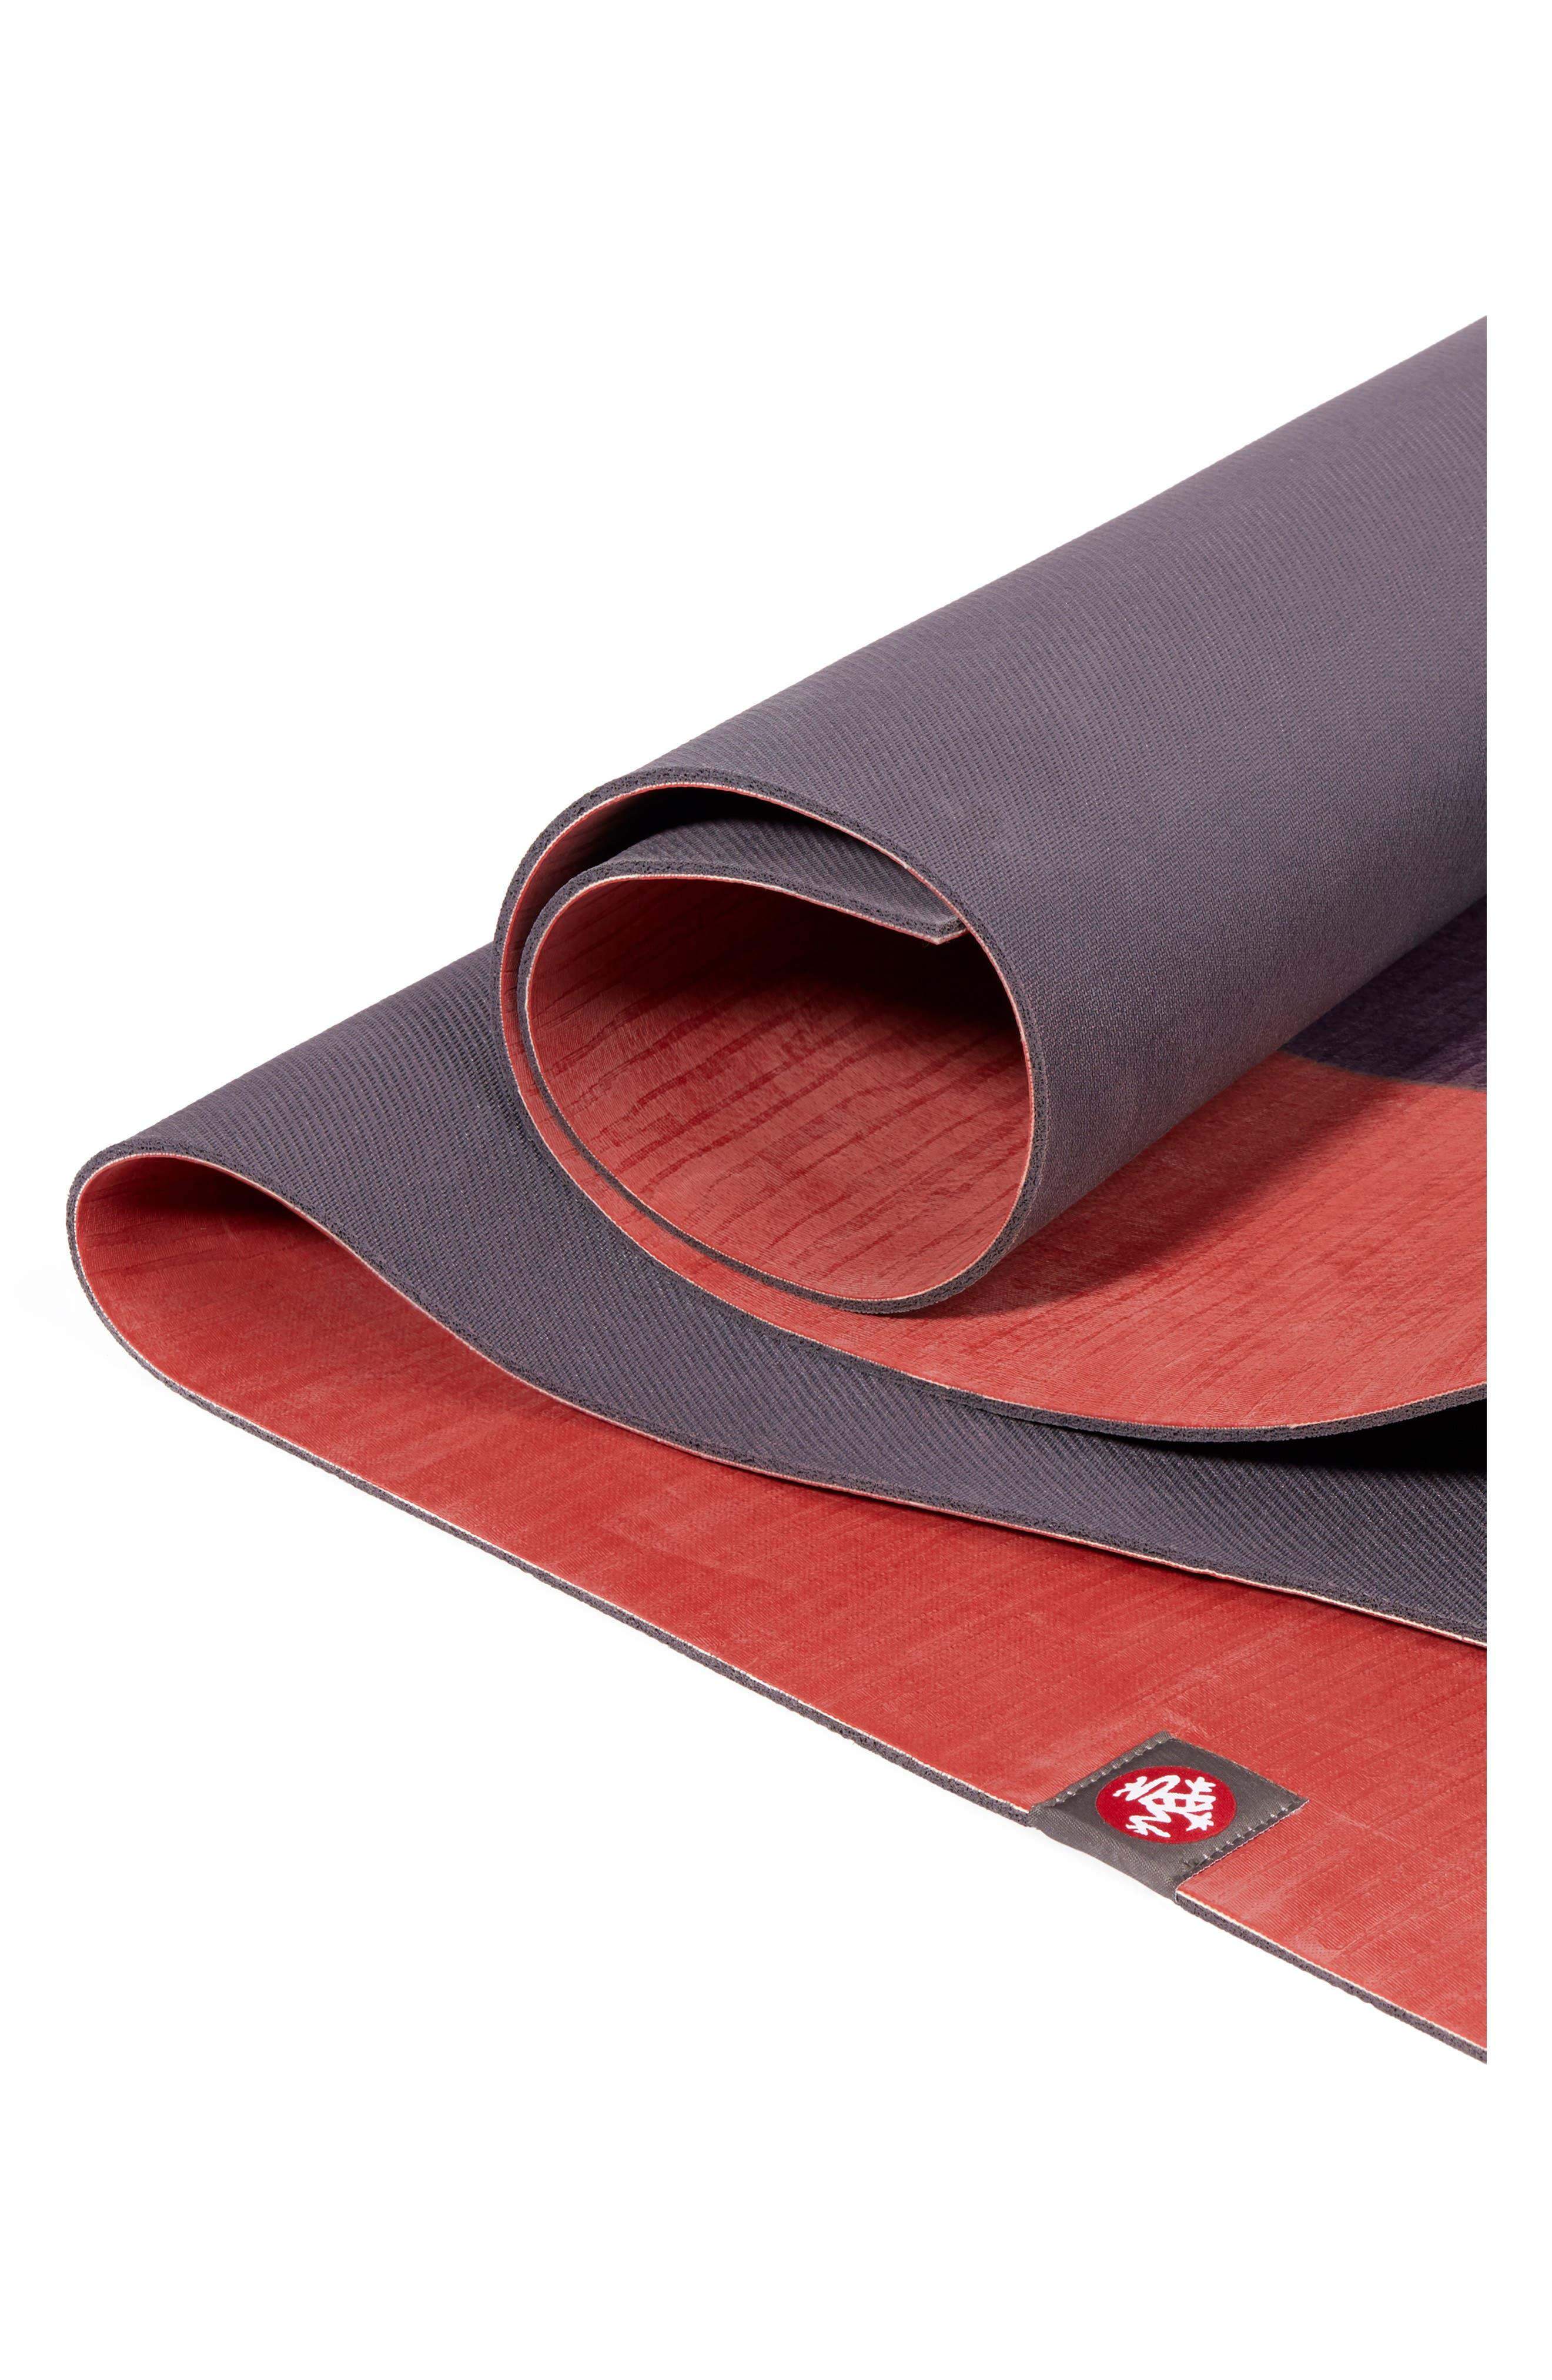 eKO<sup>®</sup> Lite 4mm Yoga Mat,                             Alternate thumbnail 4, color,                             KHANGAI